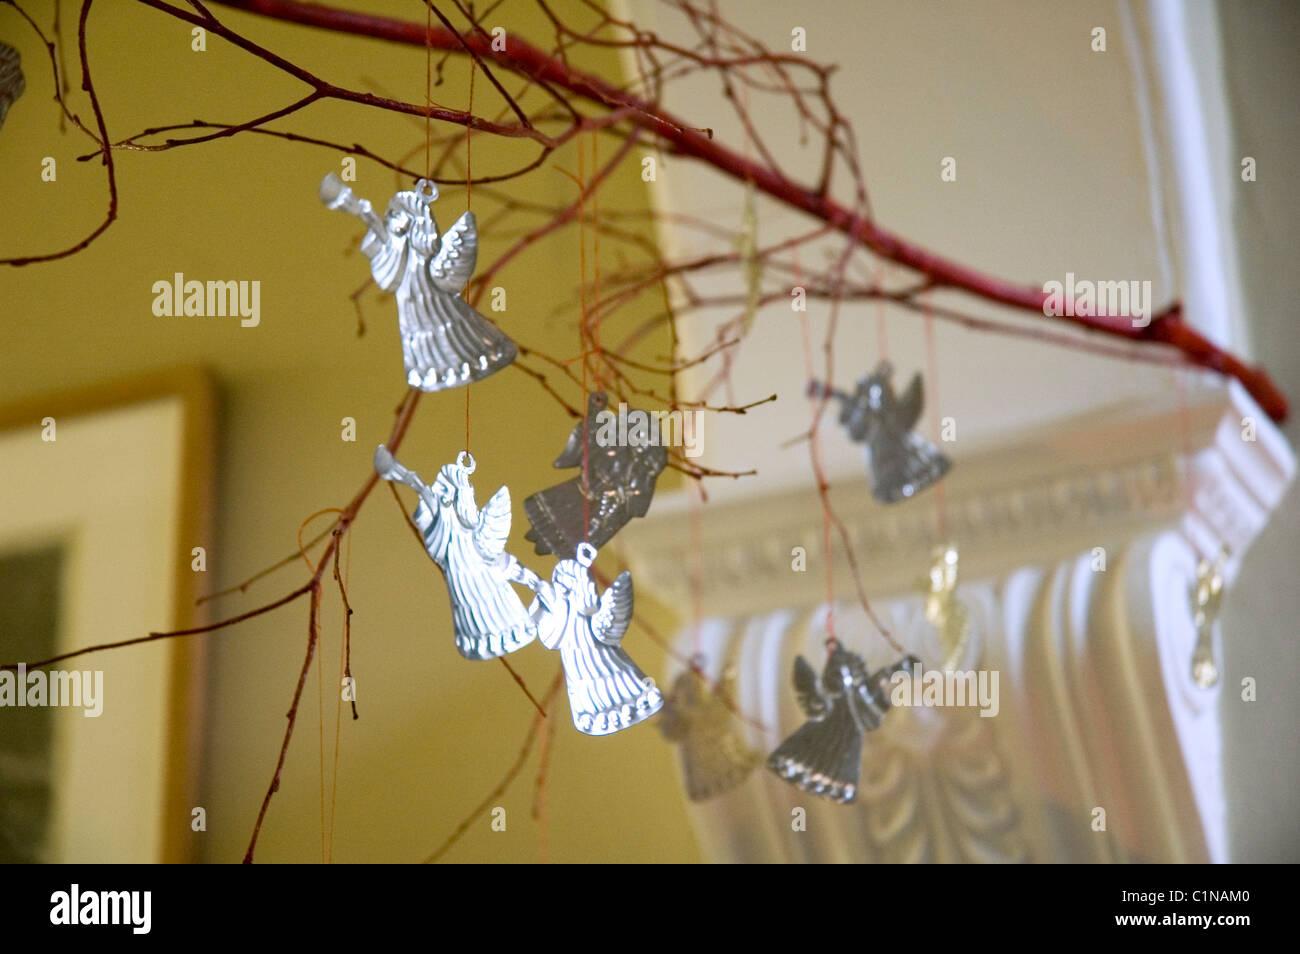 Tin angel decorazioni di Natale appeso a un ramo Immagini Stock